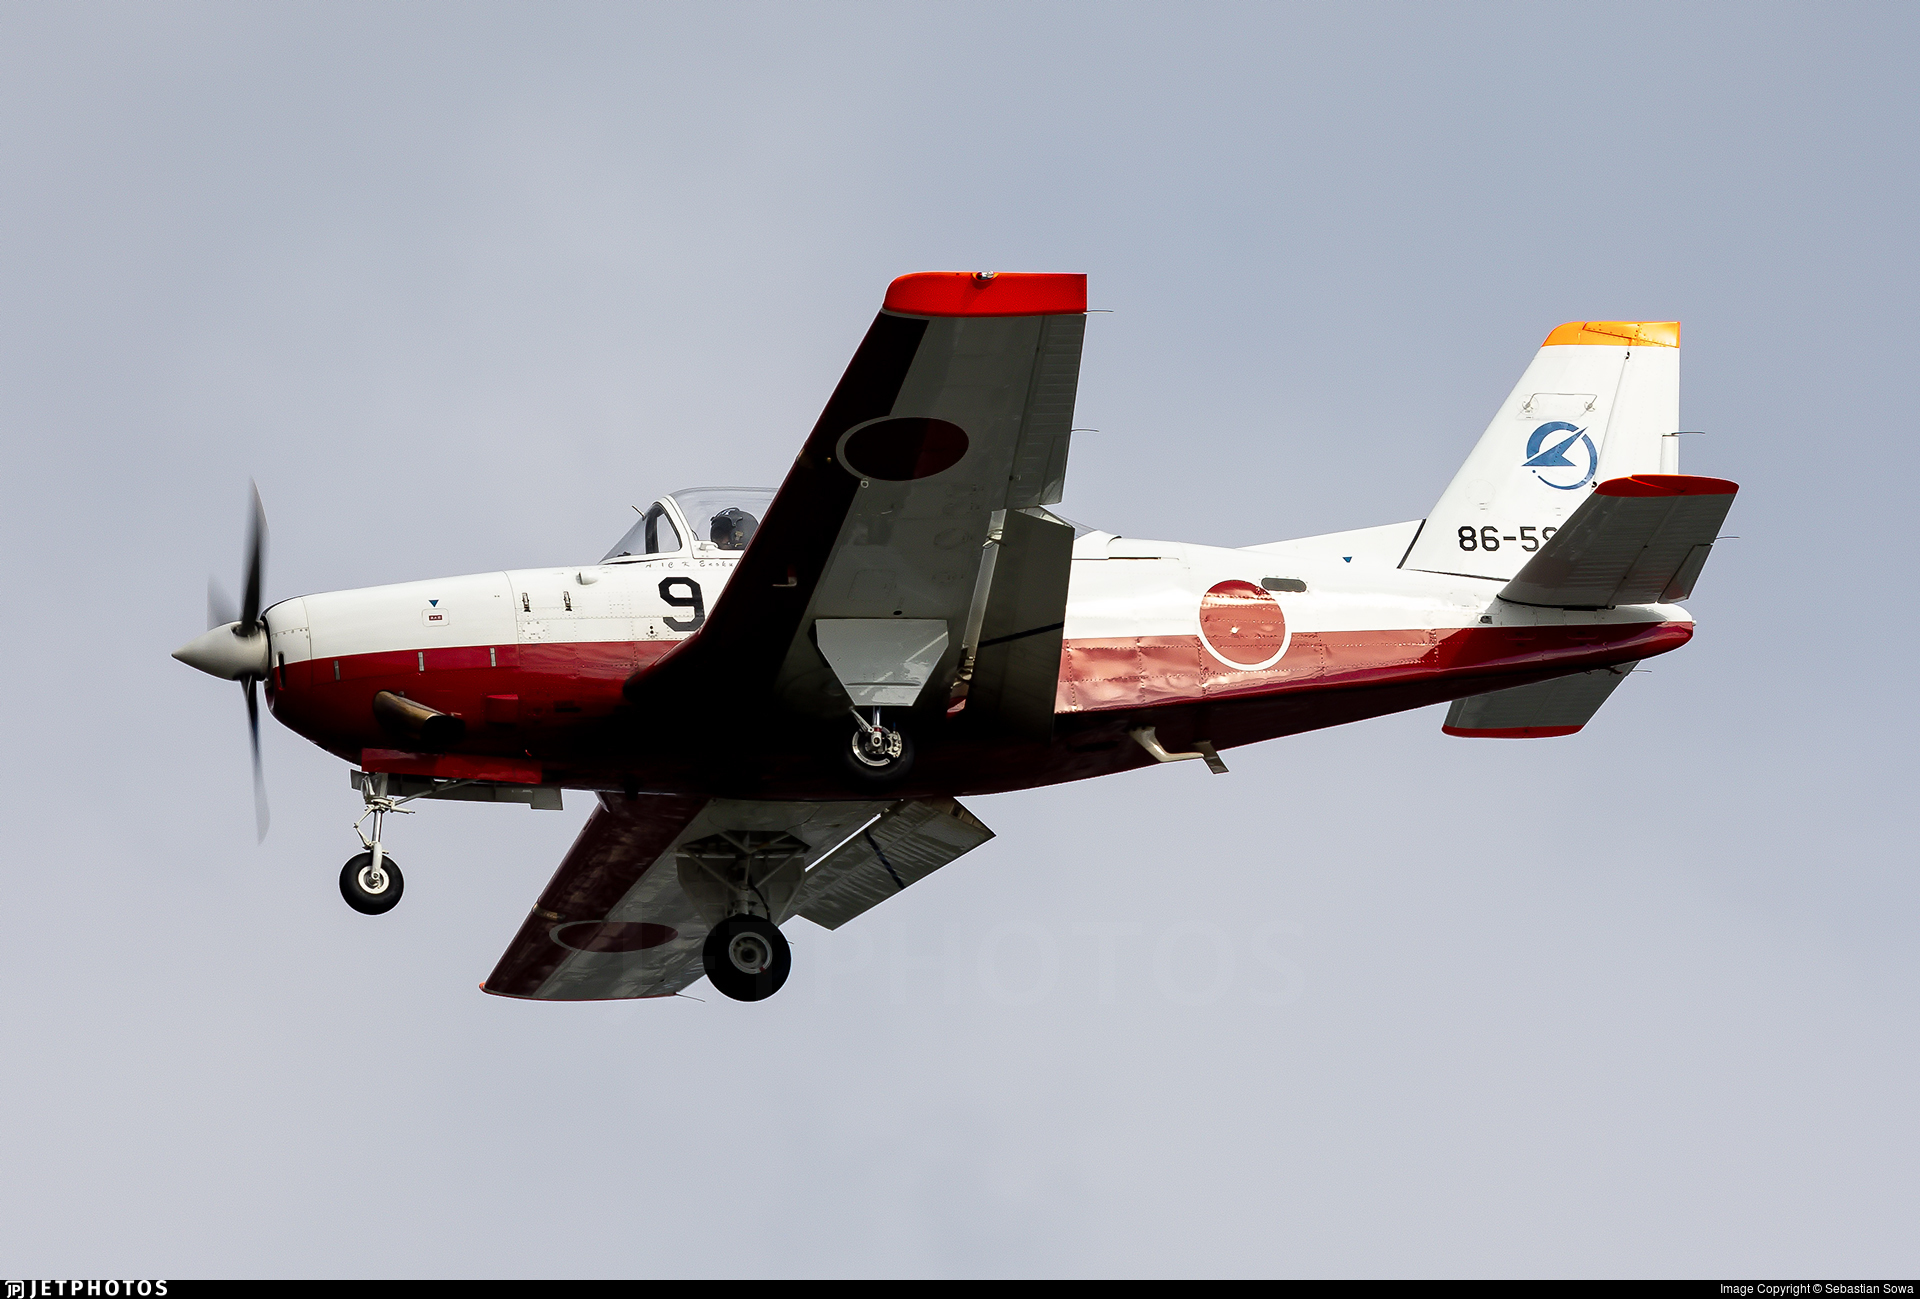 86-5949 - Fuji T-7 - Japan - Air Self Defence Force (JASDF)